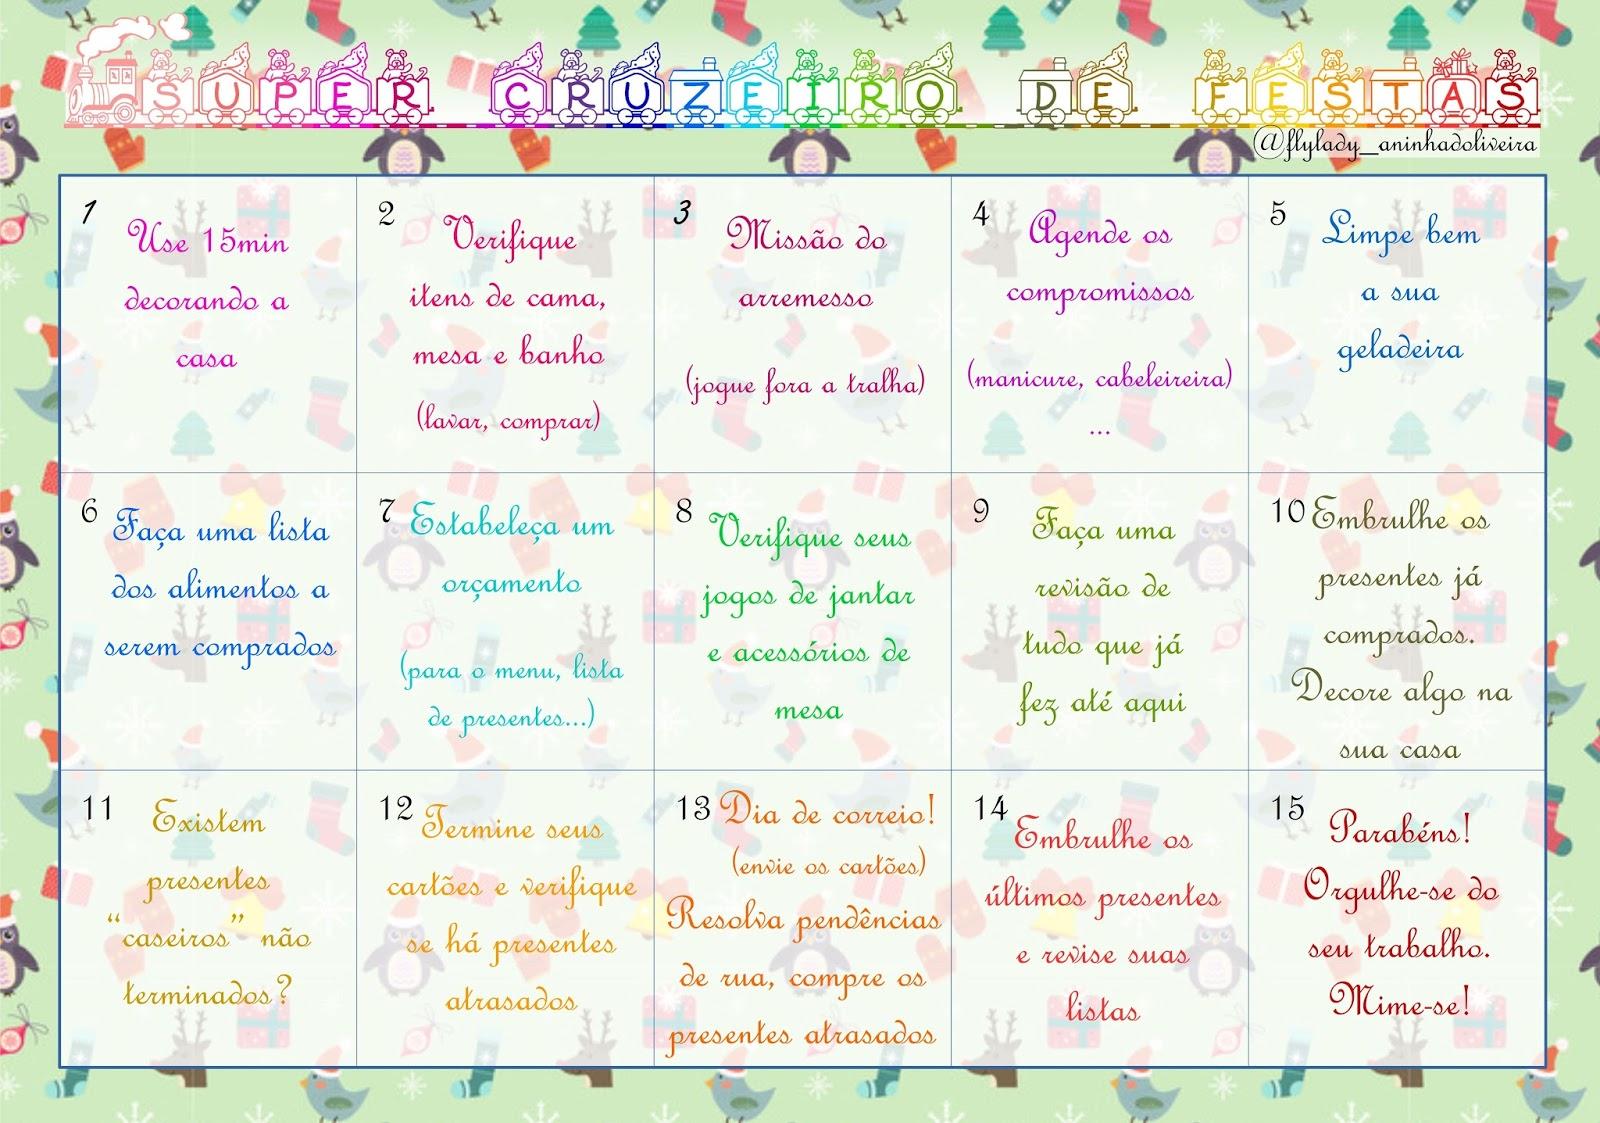 Calendario Flylady.Calendario Com Todas As Missoes Do Super Cruzeiro Casa Fly